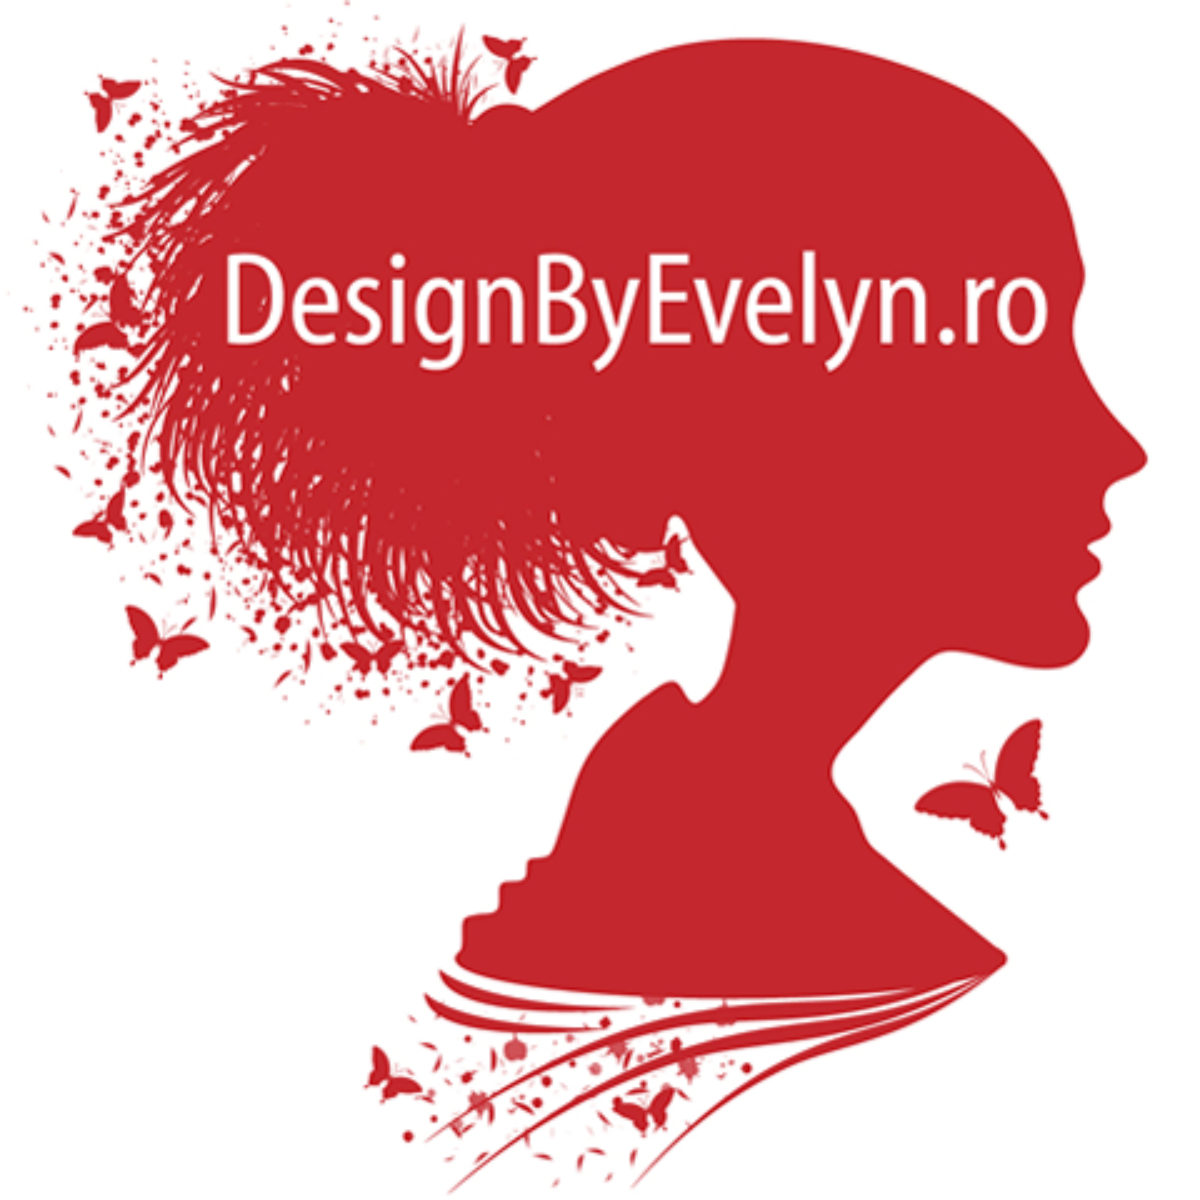 designbyevelyn.ro